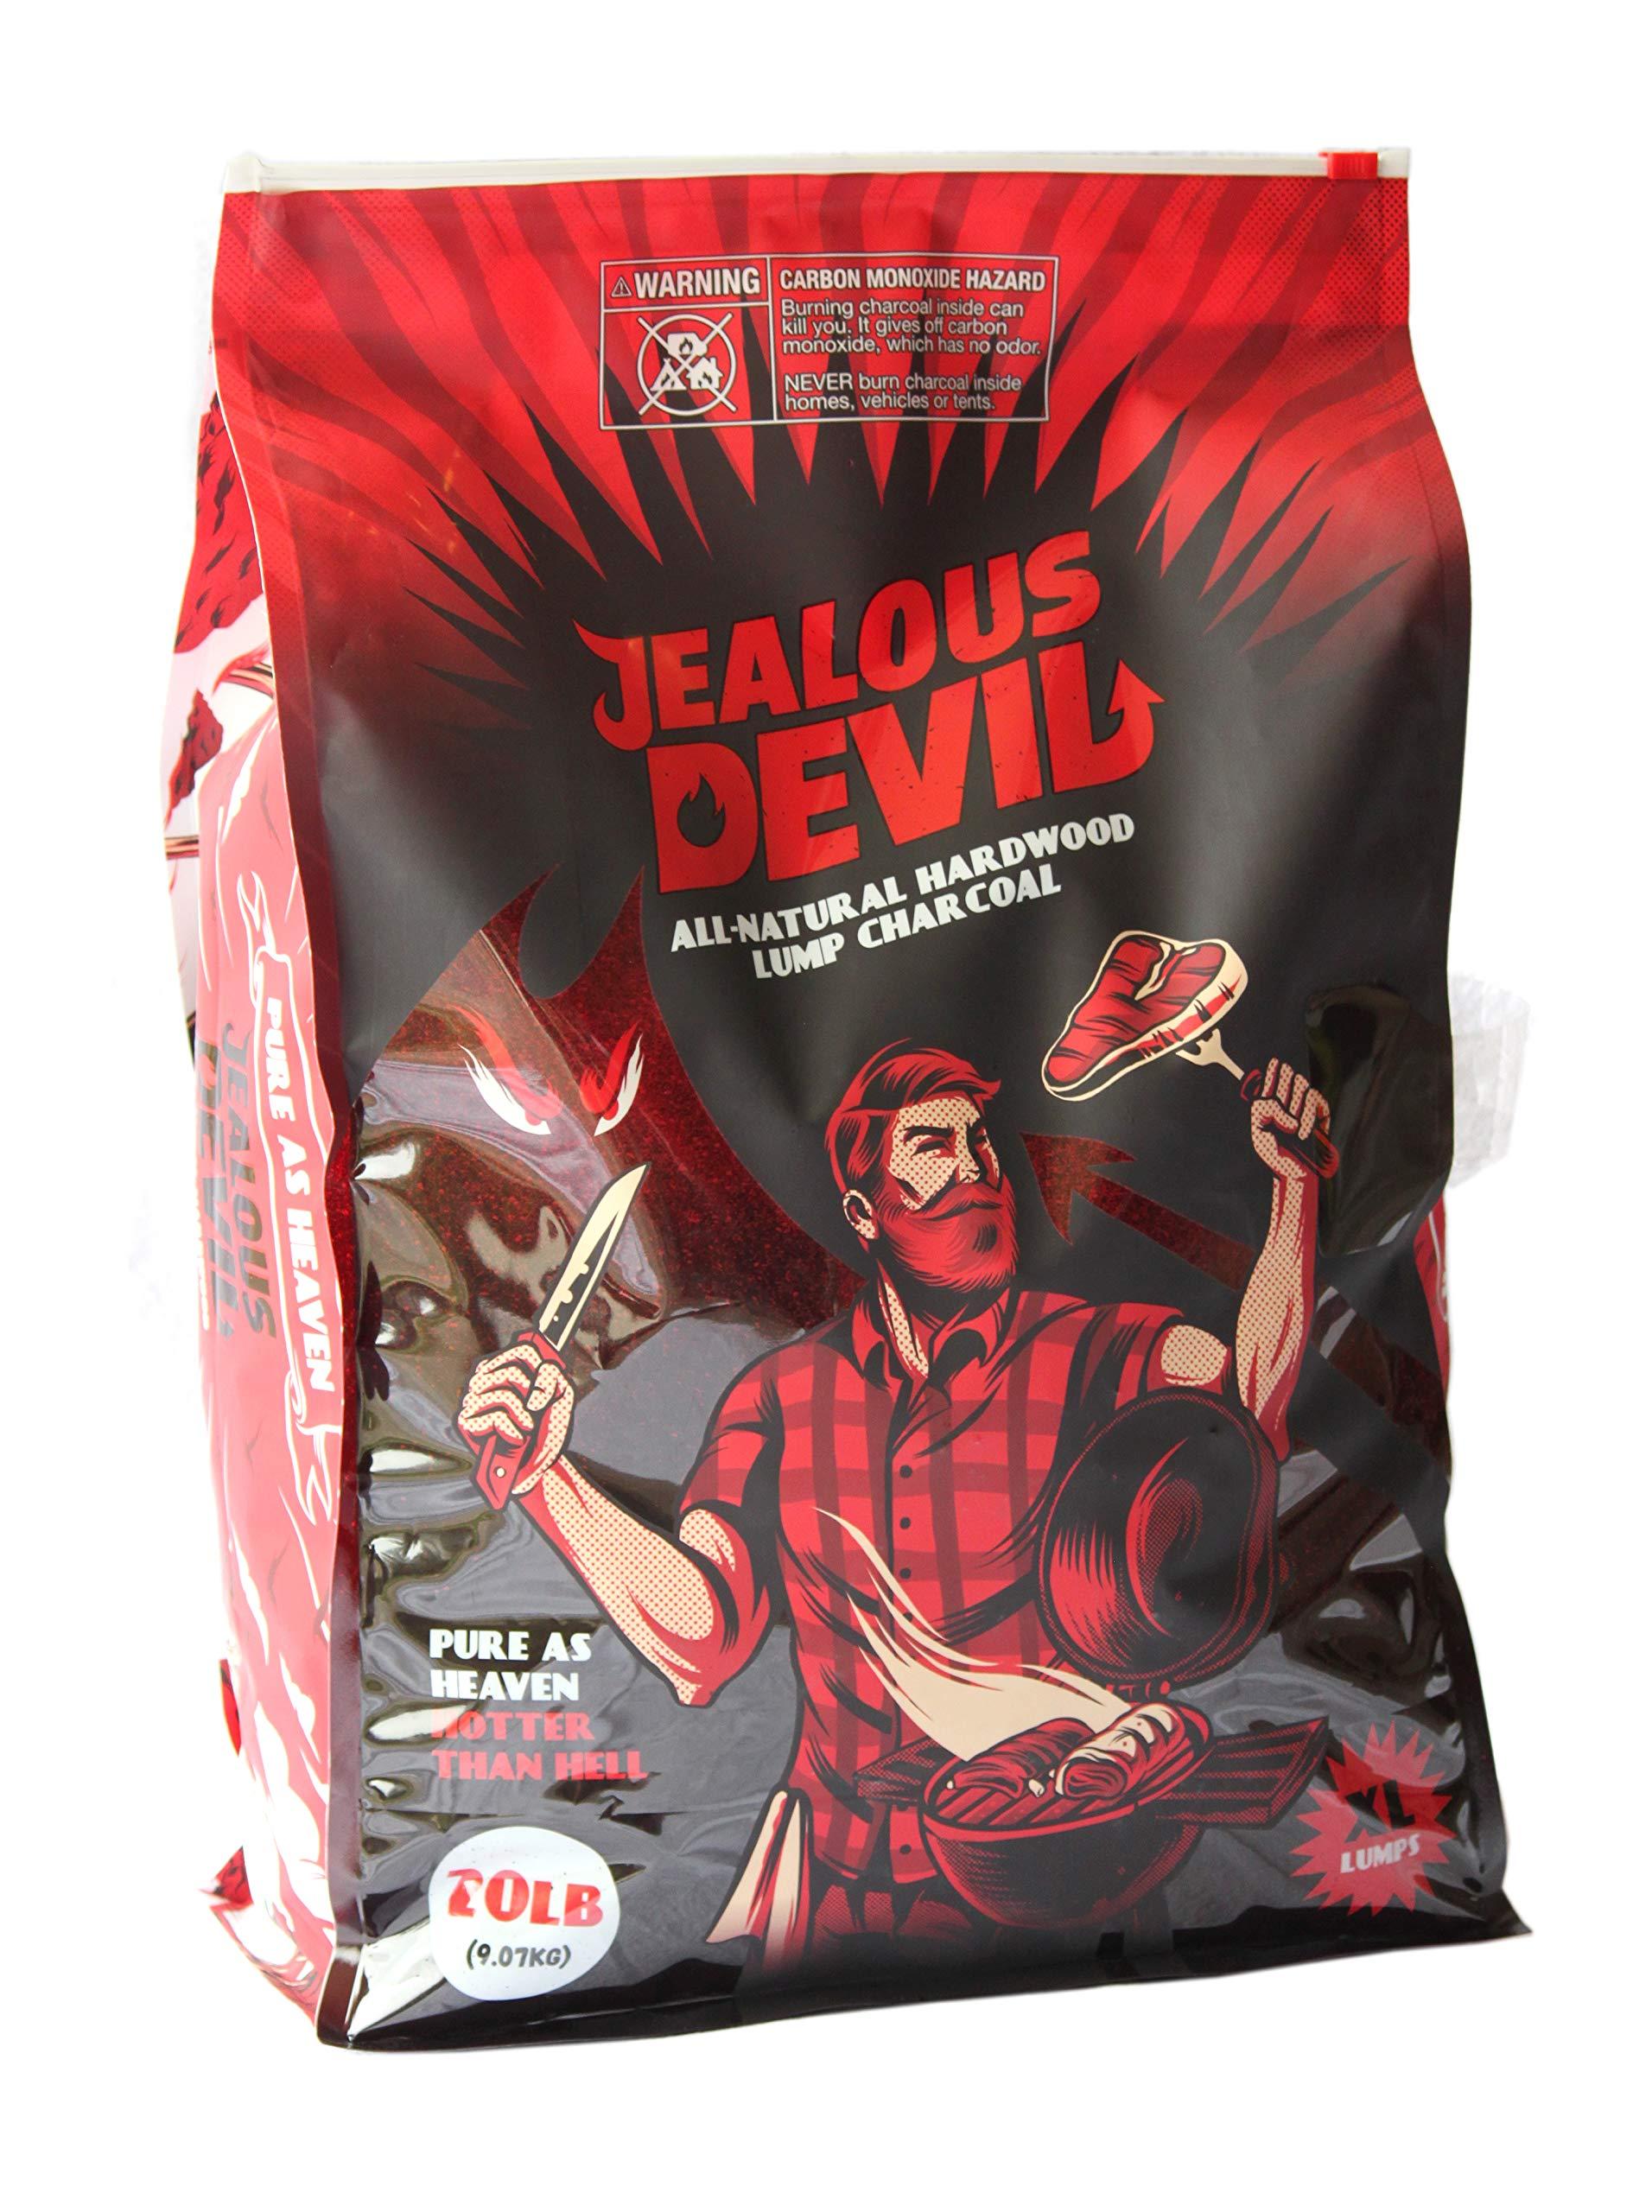 Jealous Devil All Natural Hardwood Lump Charcoal - 20LB by Jealous Devil